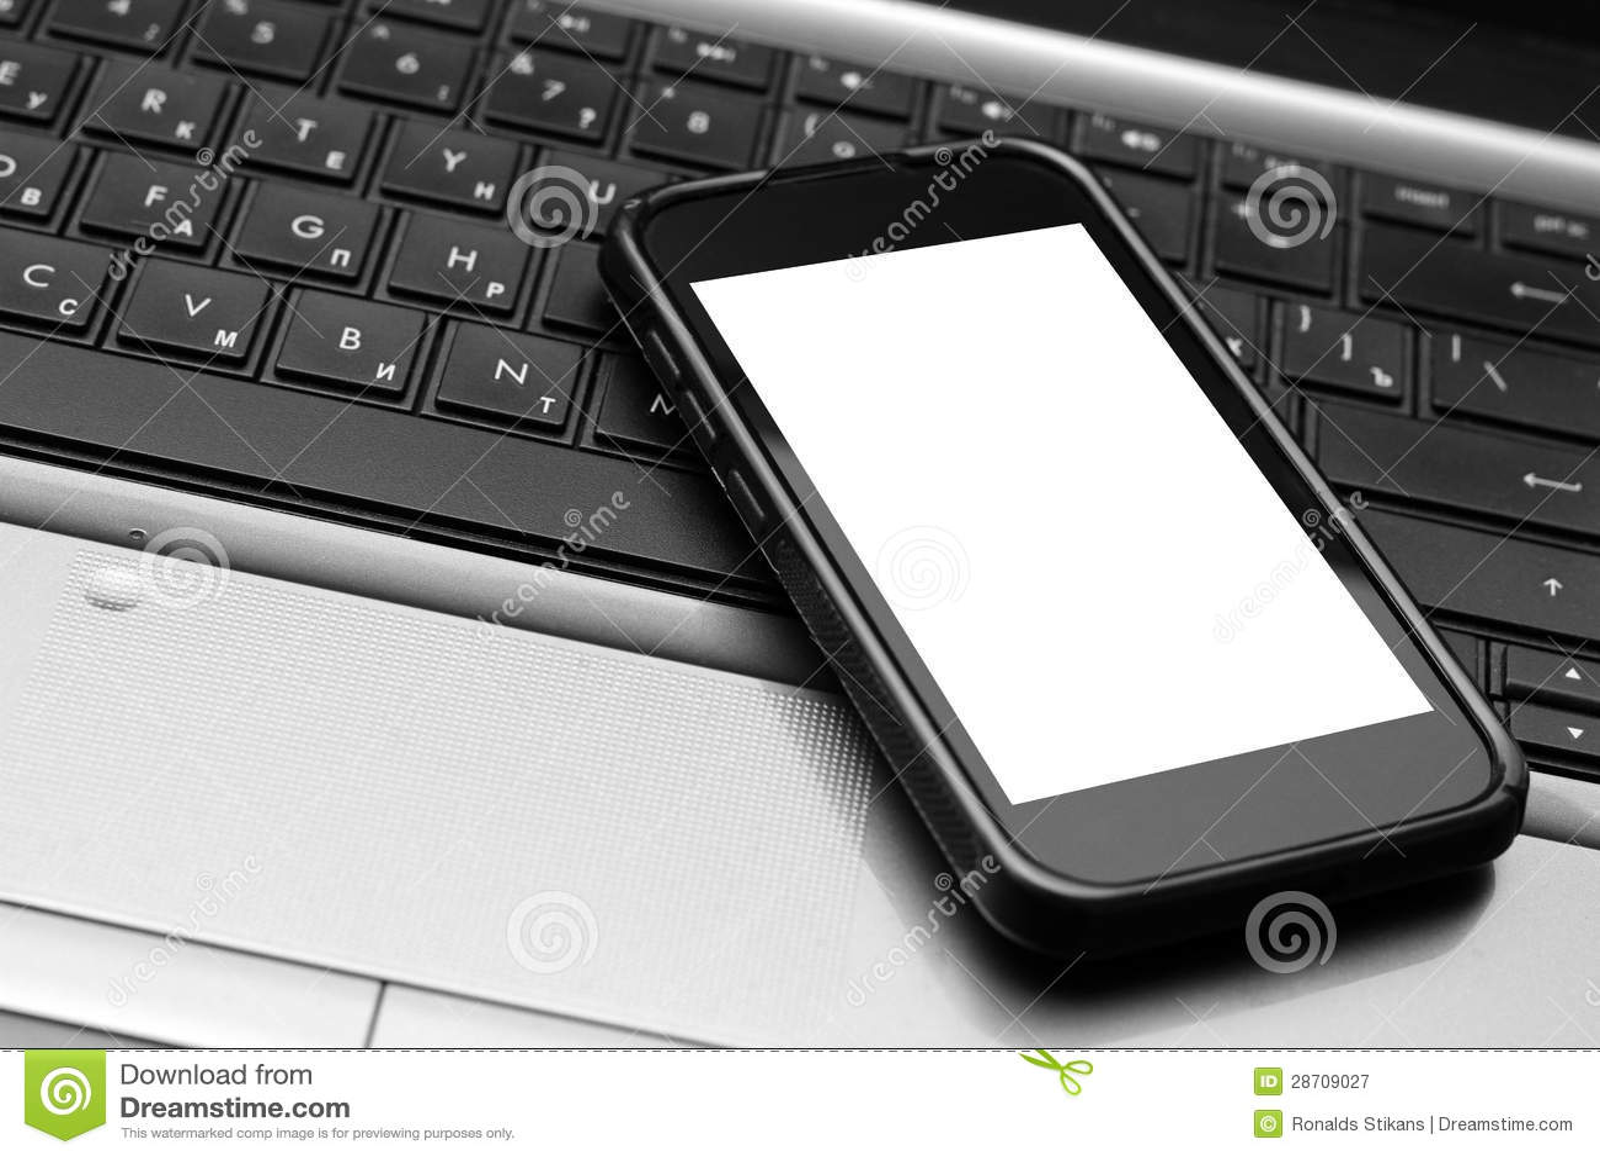 Teléfono móvil en el teclado de la computadora portátil